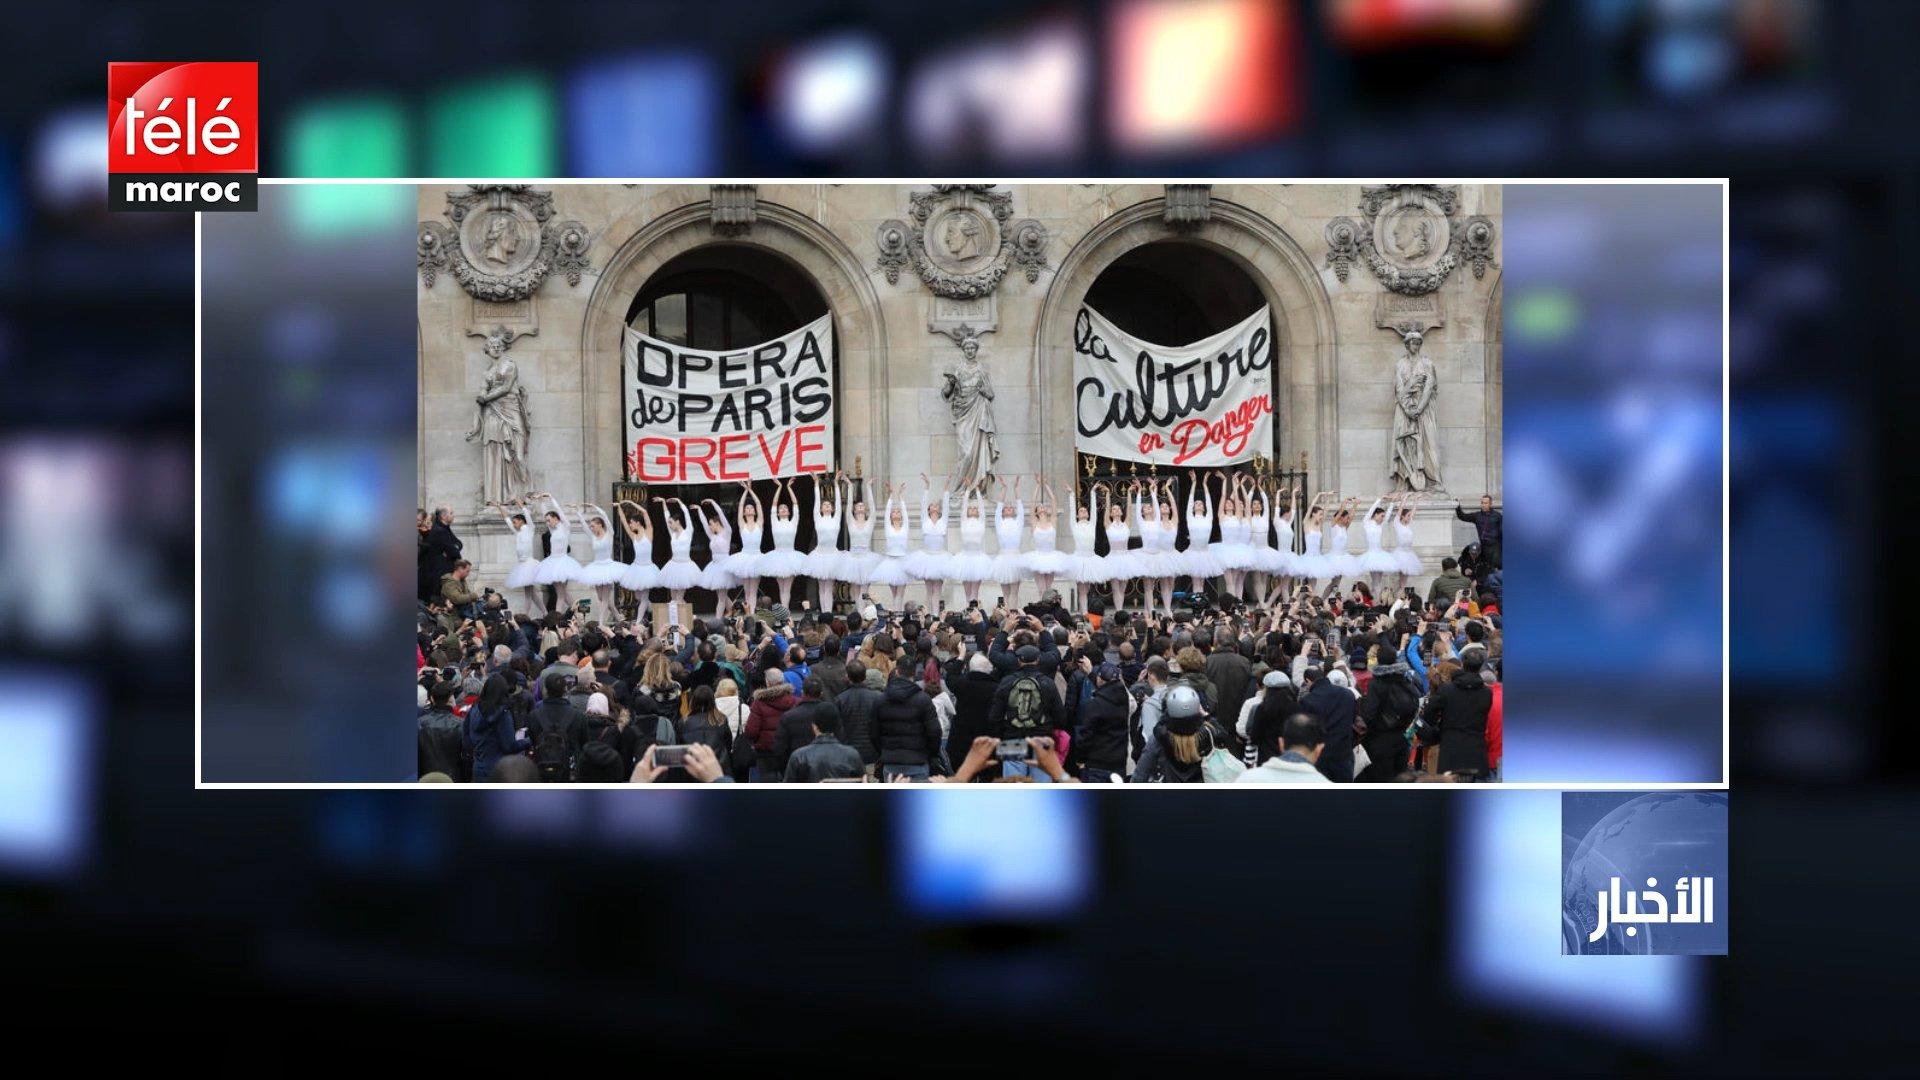 فرنسا..إضراب عمال النقل يفسد احتفالات الآلاف بعيد الميلاد